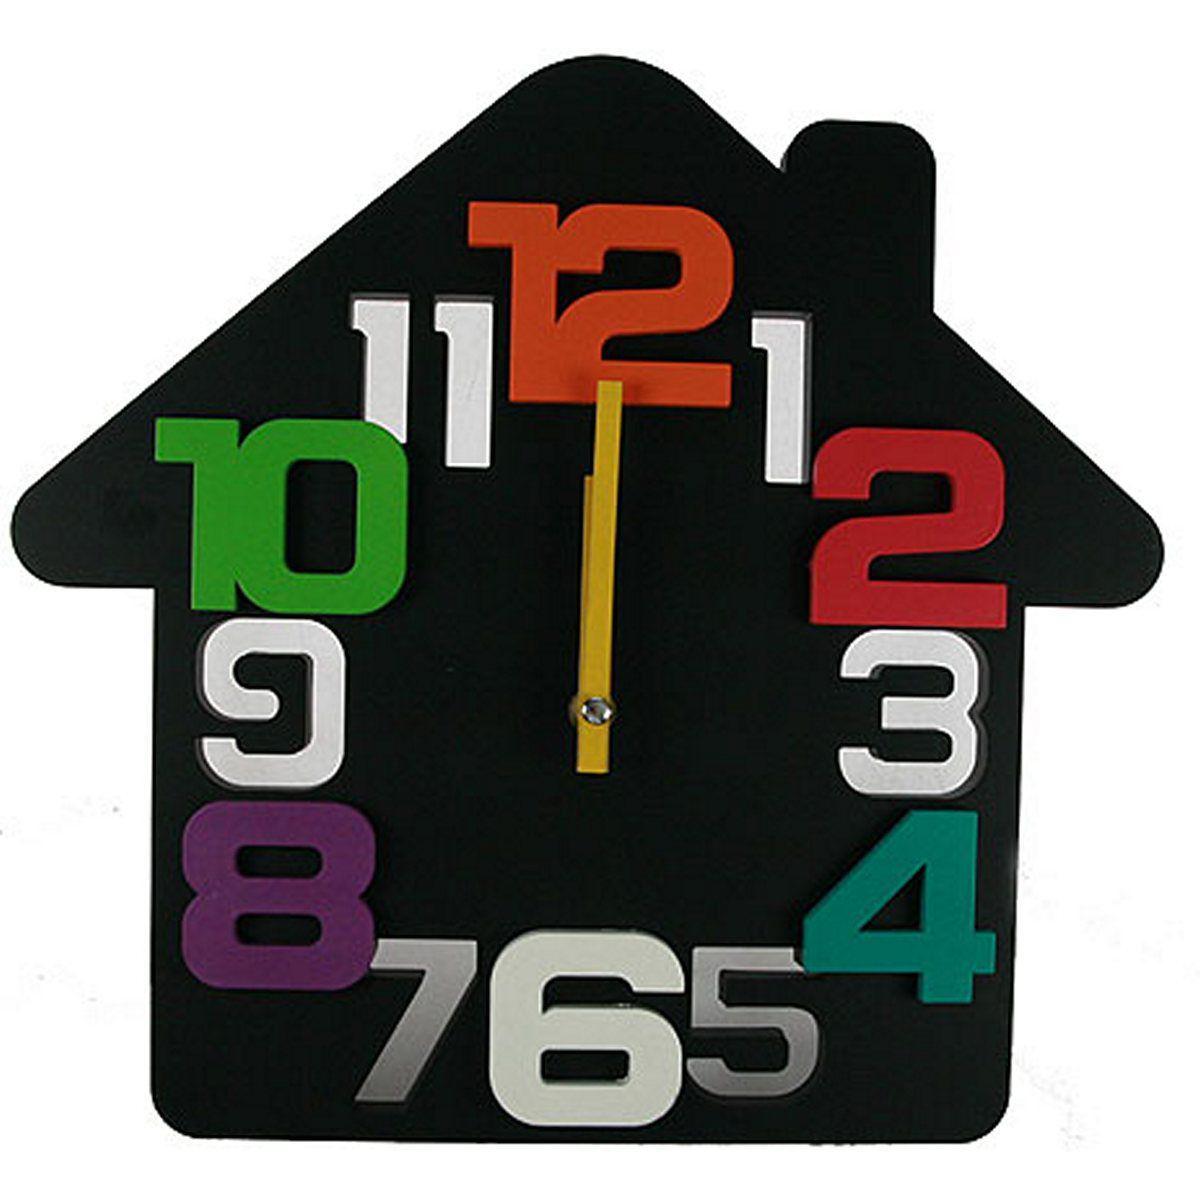 Часы настенные Русские Подарки Домик. 222418222418Настенные кварцевые часы Русские Подарки Домик изготовлены из пластика. Корпус оригинально оформлен в виде домика. Часы имеют две стрелки - часовую и минутную. С обратной стороны имеется петелька для подвешивания на стену. Такие часы красиво и необычно оформят интерьер дома или офиса. Также часы могут стать уникальным, полезным подарком для родственников, коллег, знакомых и близких. Часы работают от батареек типа АА (в комплект не входят).